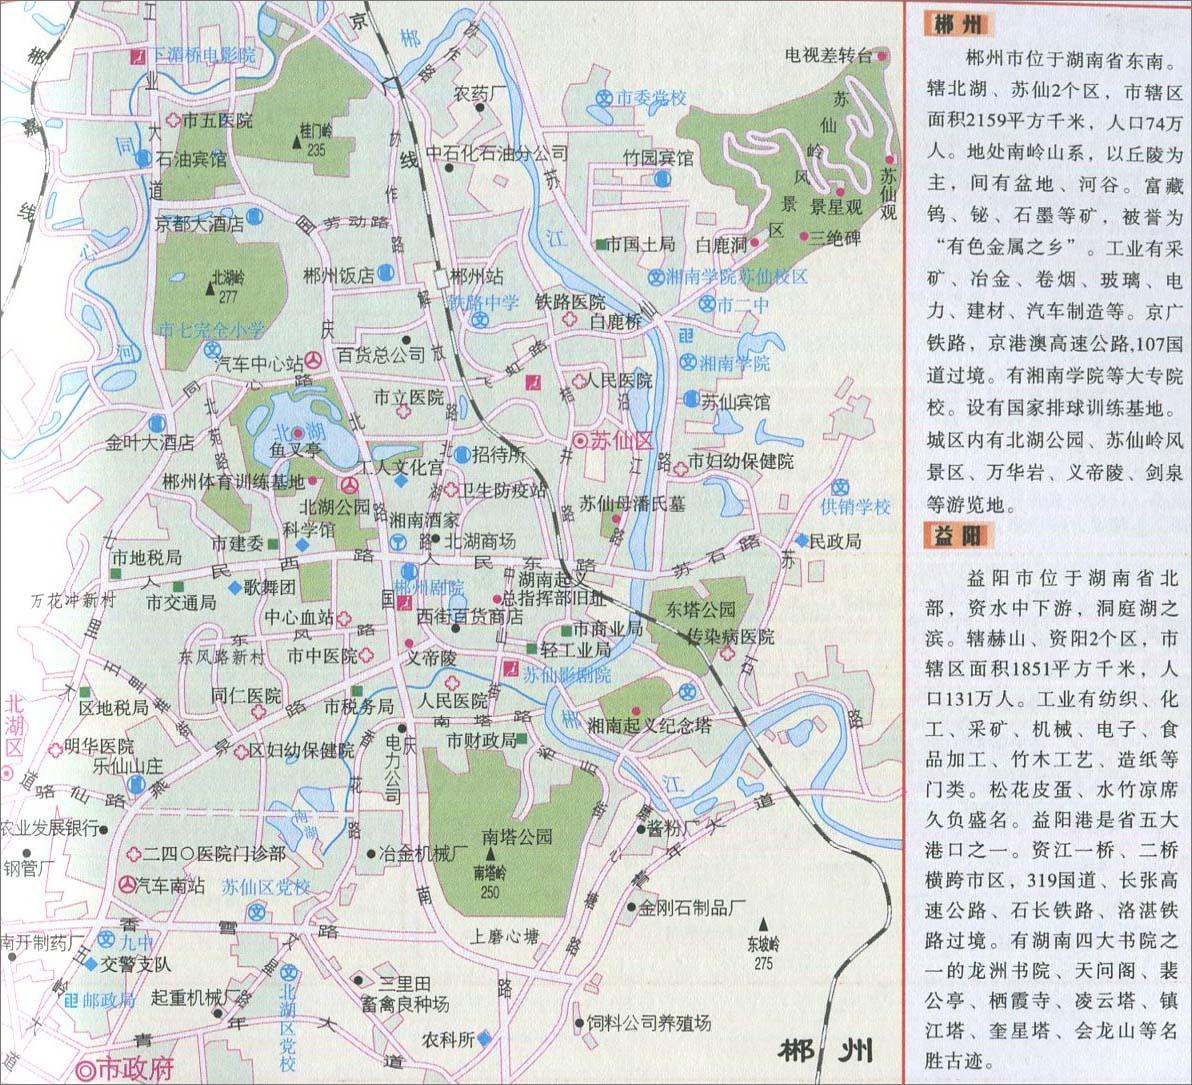 郴州城区旅游地图